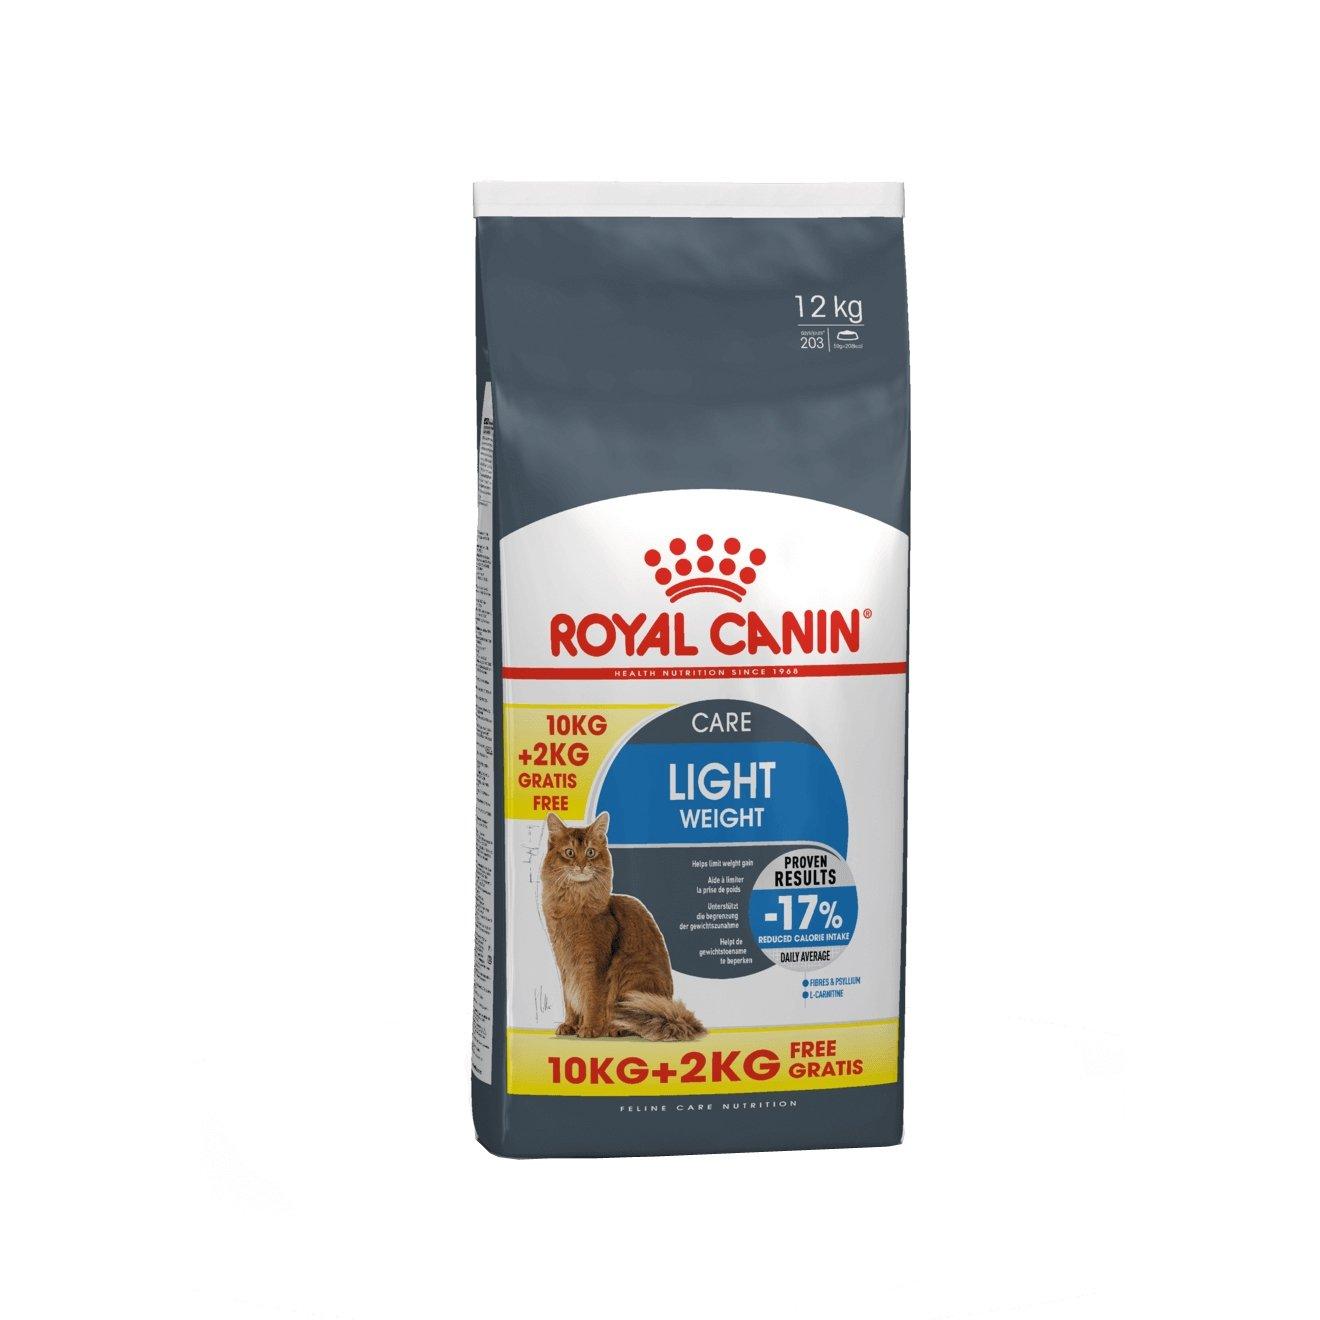 Royal Canin Light Weight Care 10 kg + 2 kg Gratis